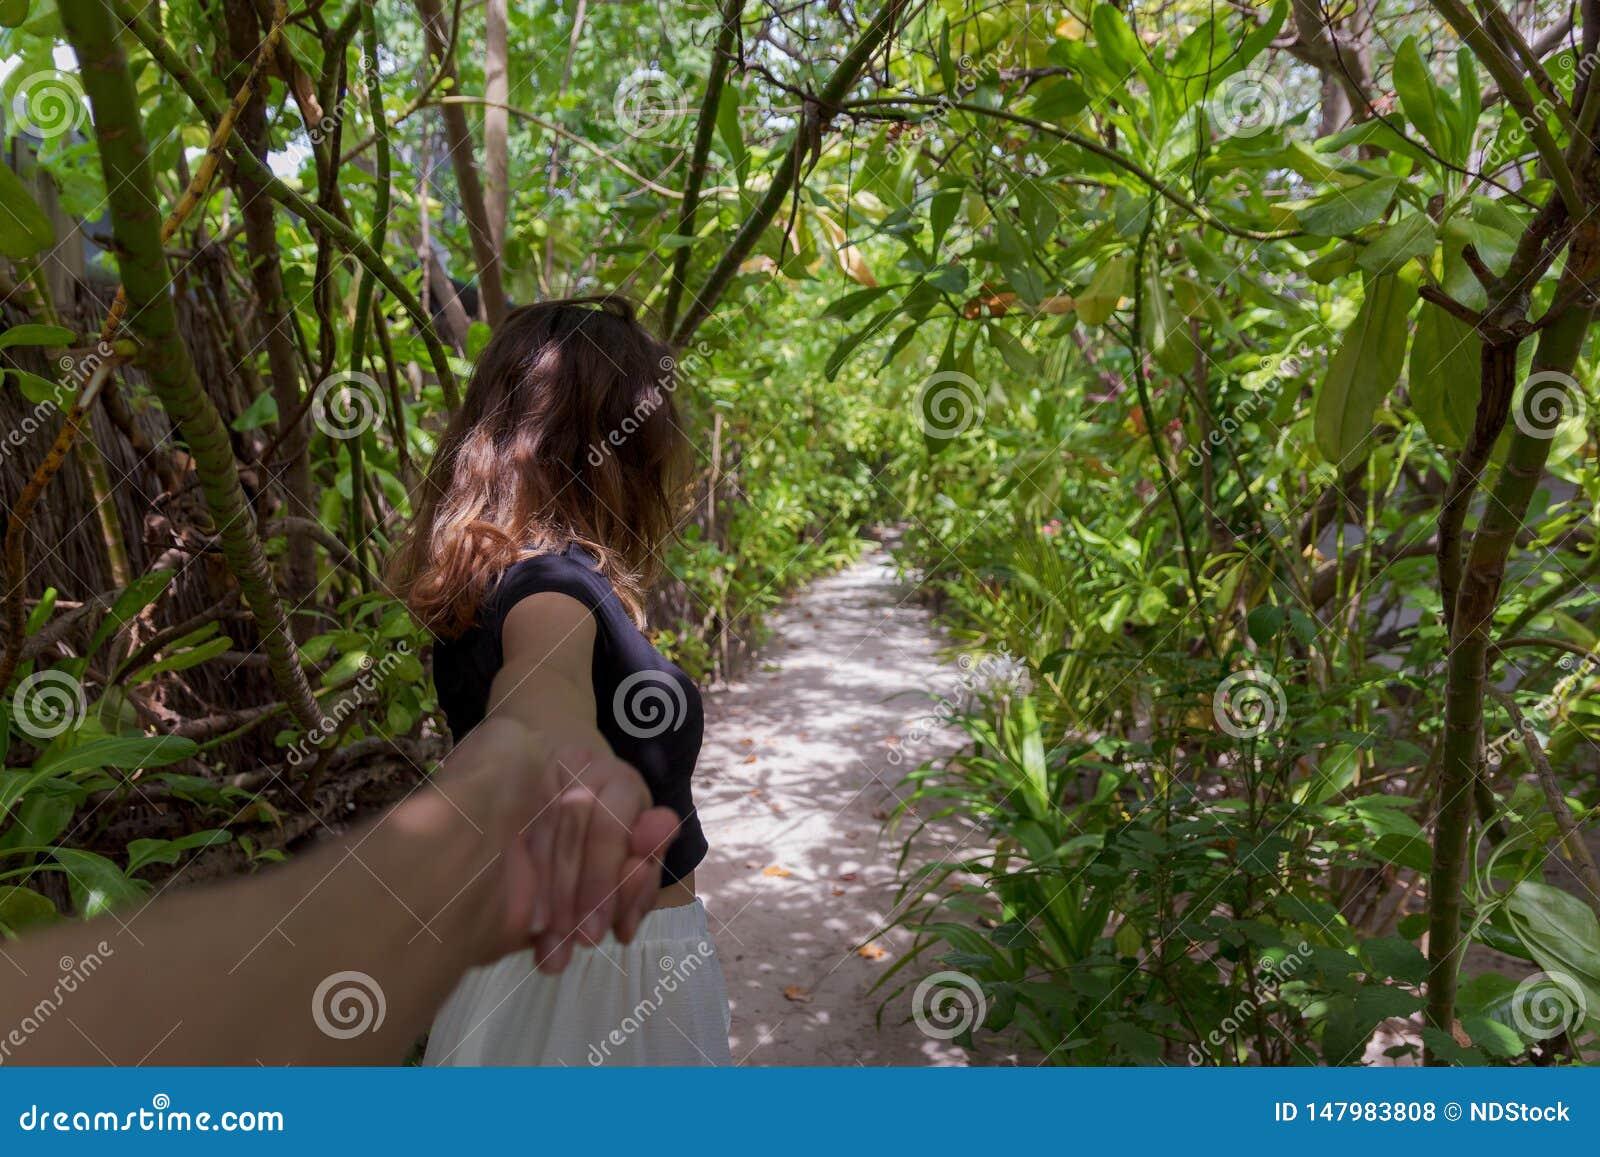 Следовать мной концепция молодой женщины идя на путь окруженный зеленой растительностью